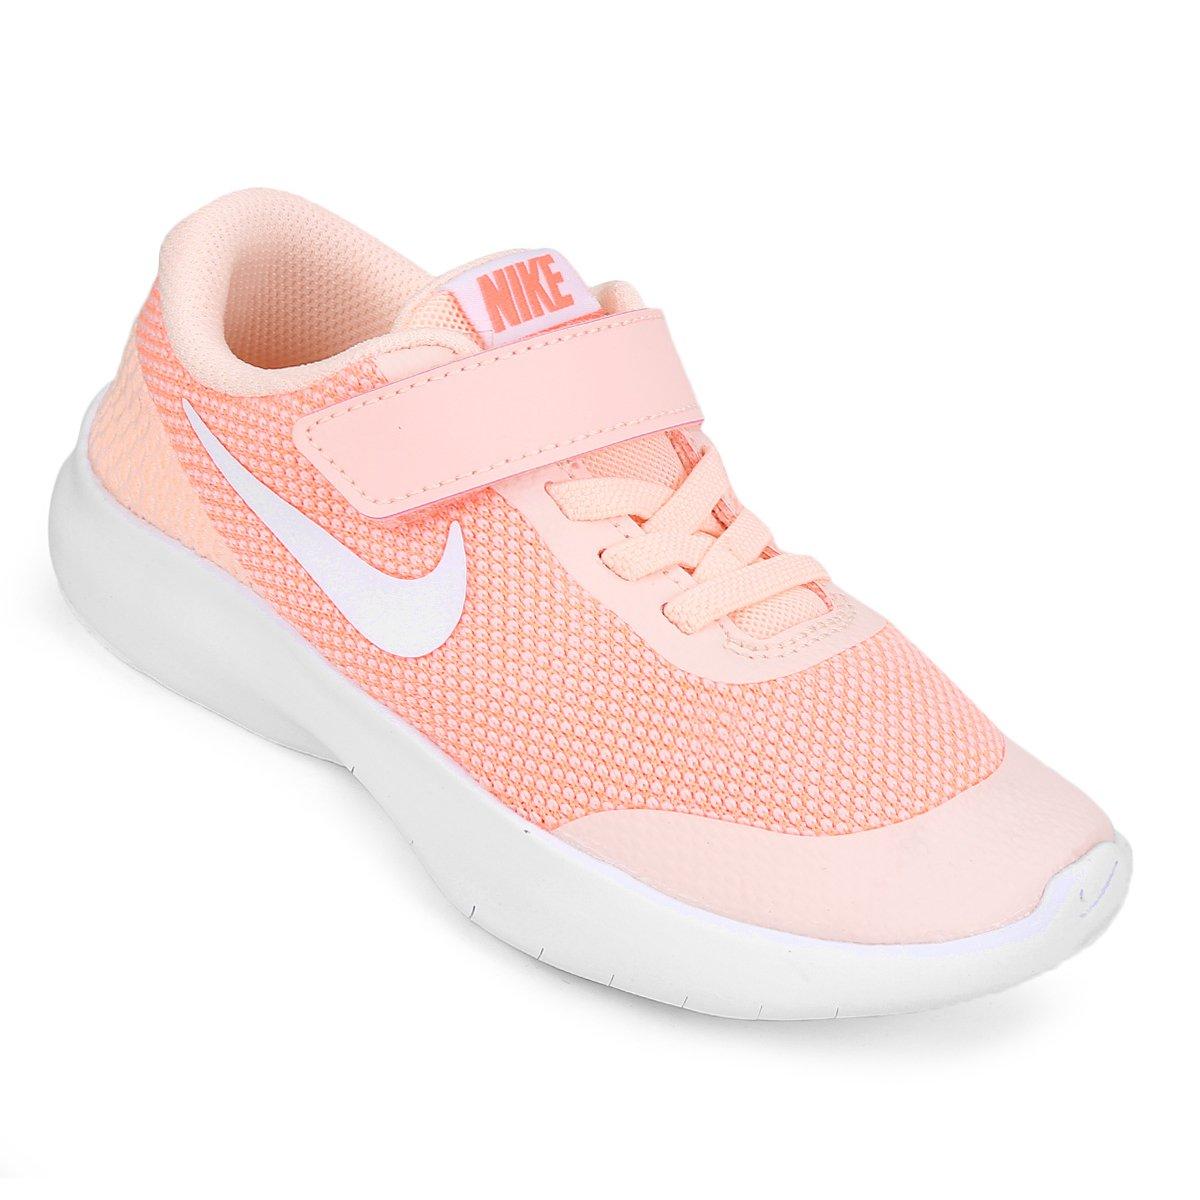 f8f74995e9c Tênis Infantil Nike Flex Experience Run 7 Feminino - Salmão - Compre Agora